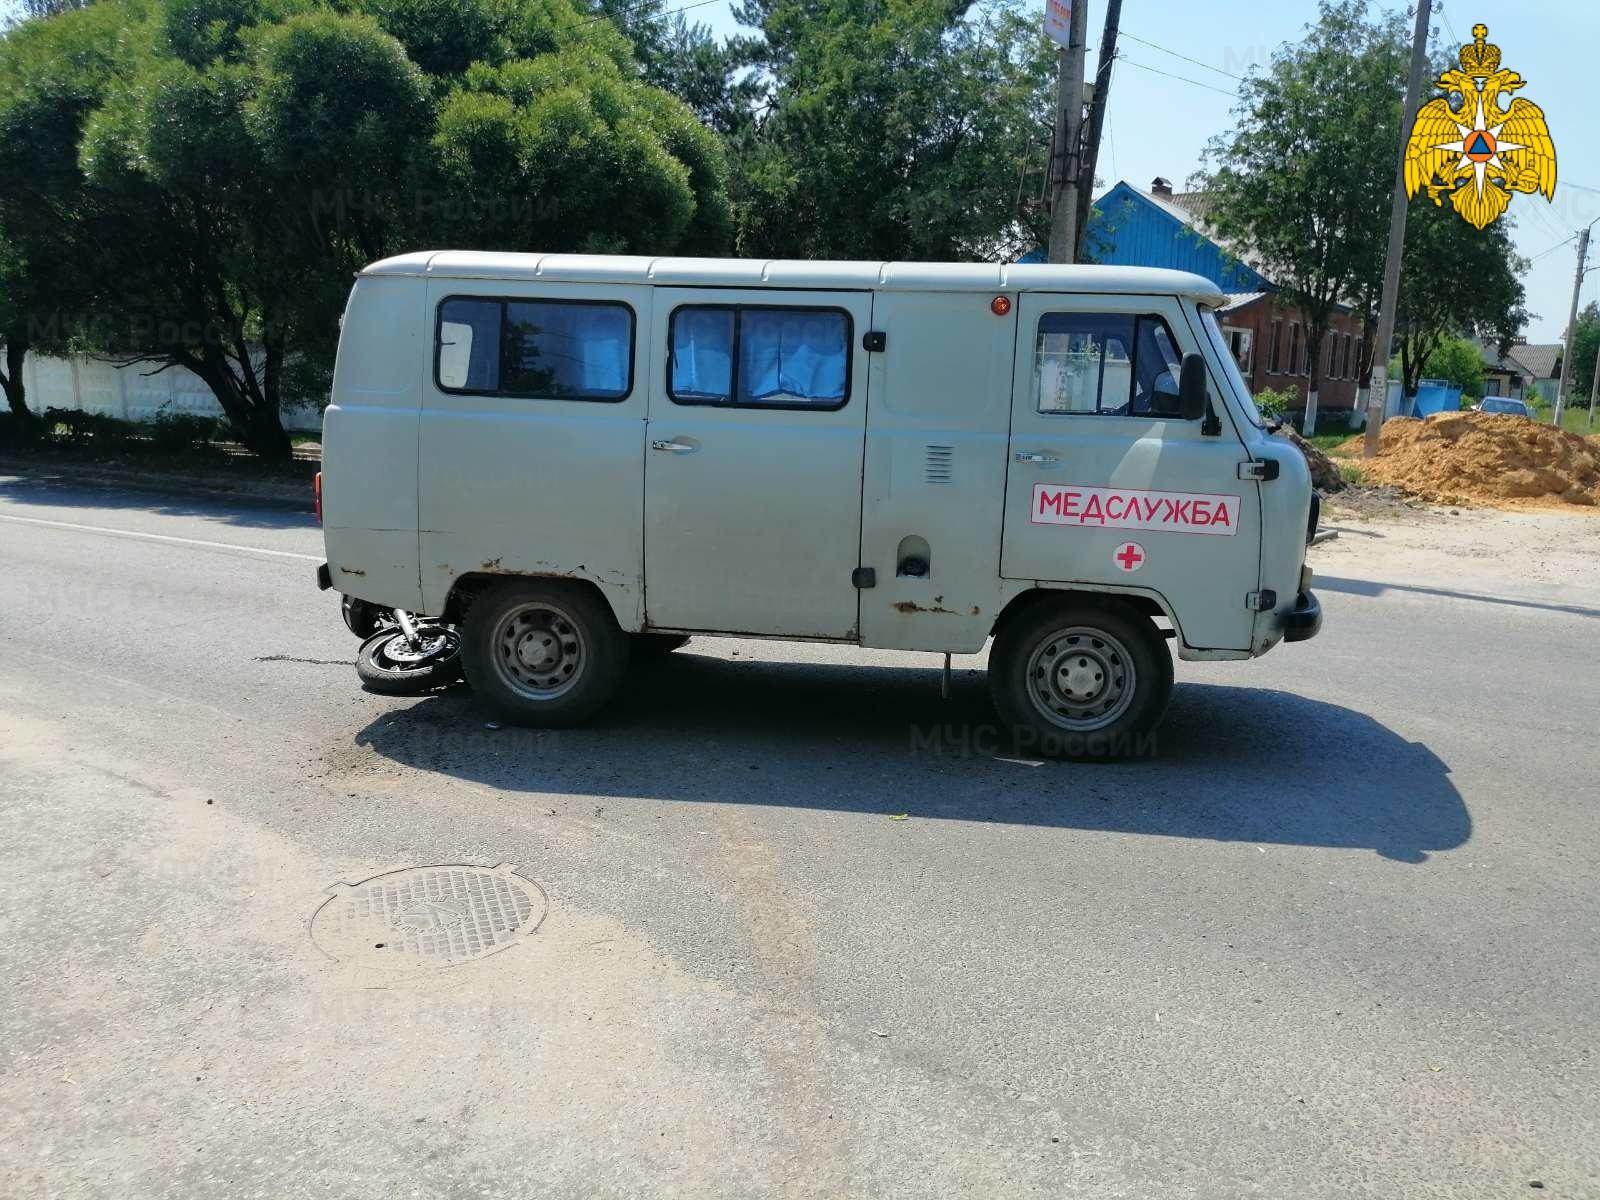 Спасатели МЧС принимали участие в ликвидации ДТП в Жиздринском районе, г. Жиздра, ул. Коммунистическая